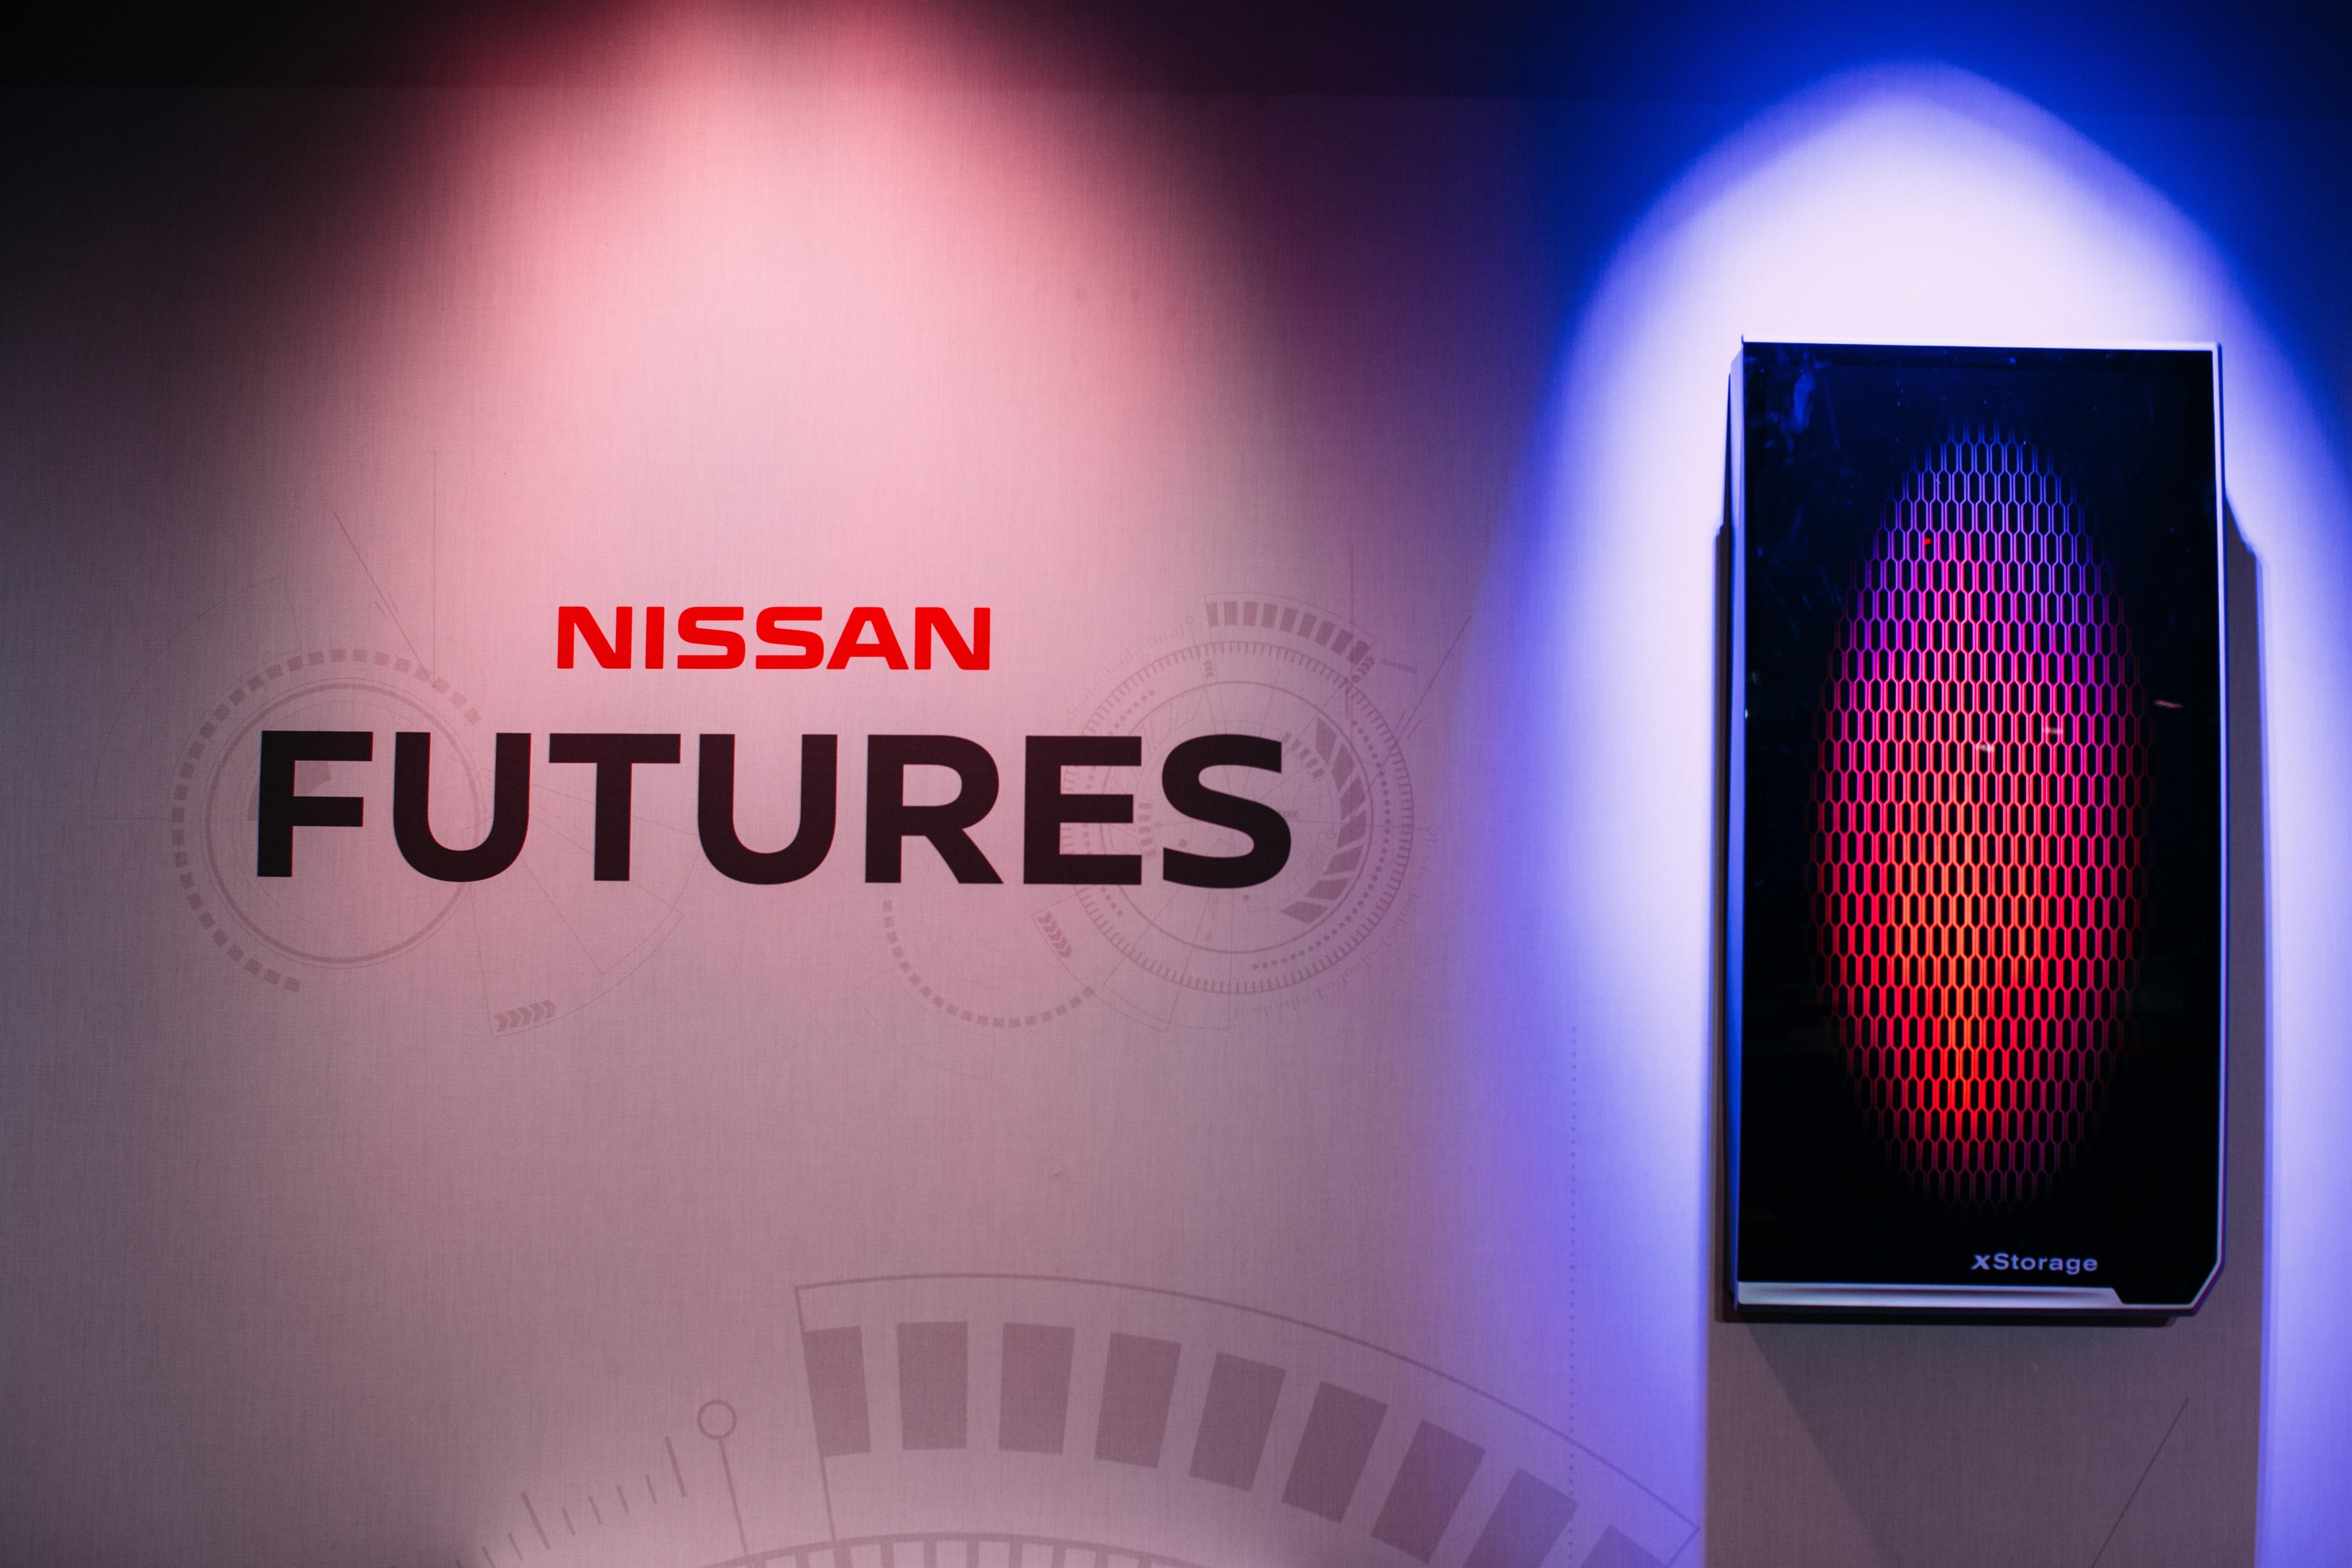 """xStorage es un nuevo y revolucionario sistema doméstico de almacenamiento de energía, el cual no sólo ofrecerá a las baterías de los vehículos eléctricos Nissan una """"segunda vida"""", sino que también supondrá una solución de almacenamiento energético totalmente integrada para los clientes."""